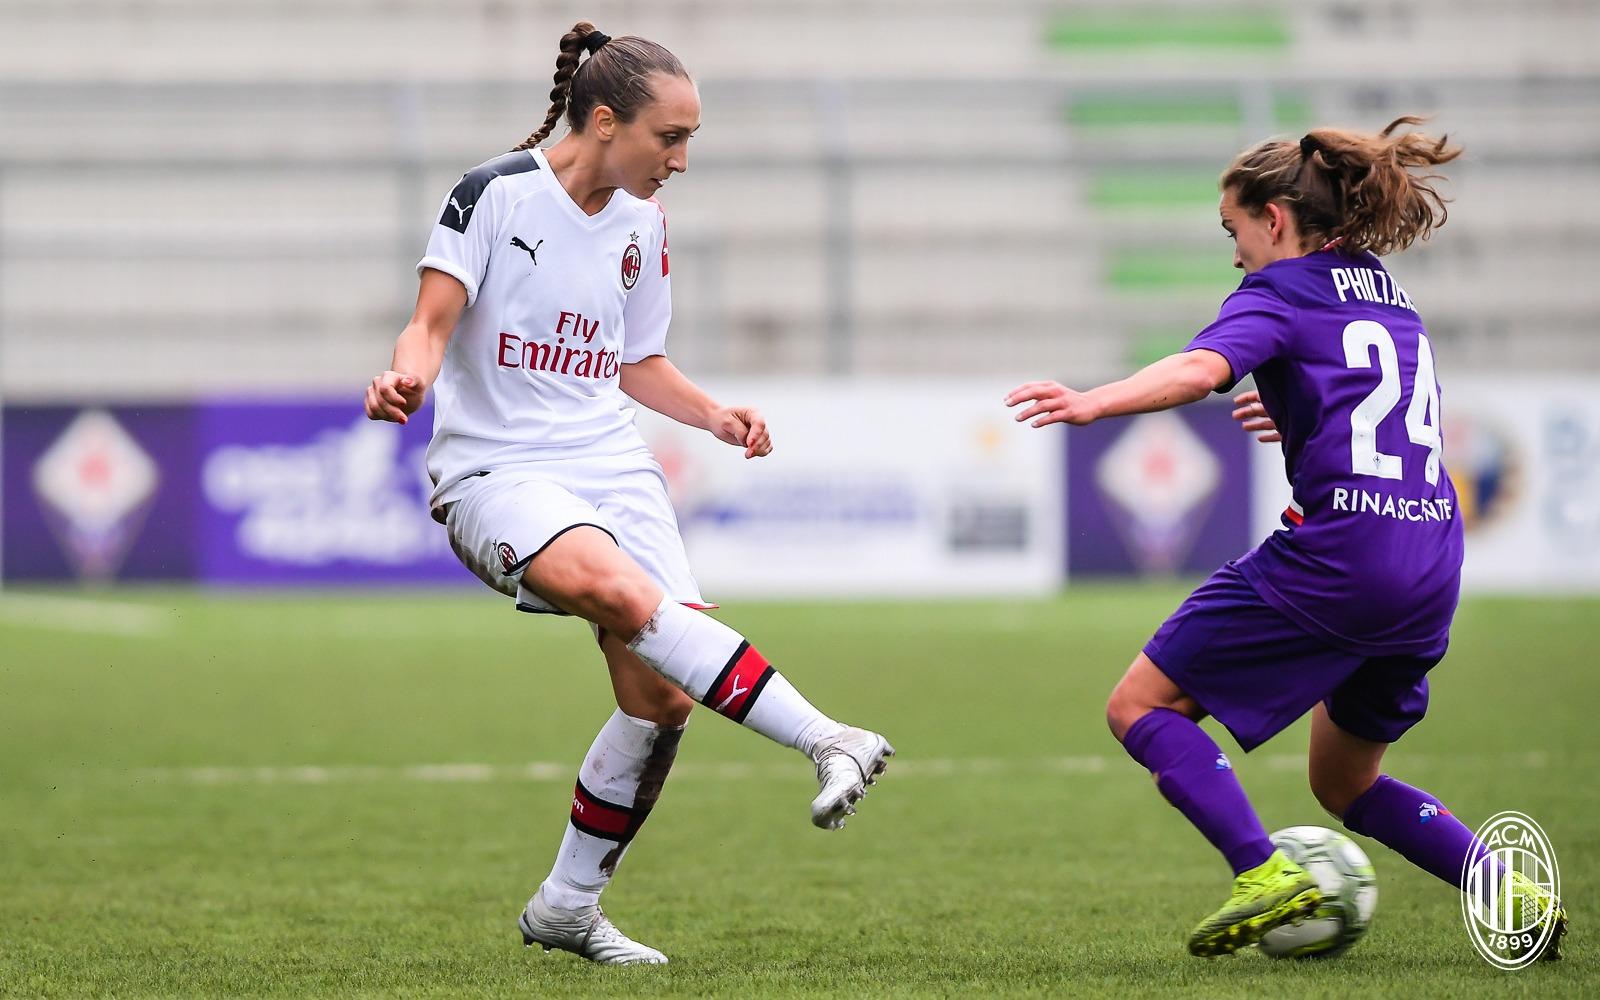 Calcio femminile, futuro in bilico tra campo e stipendi